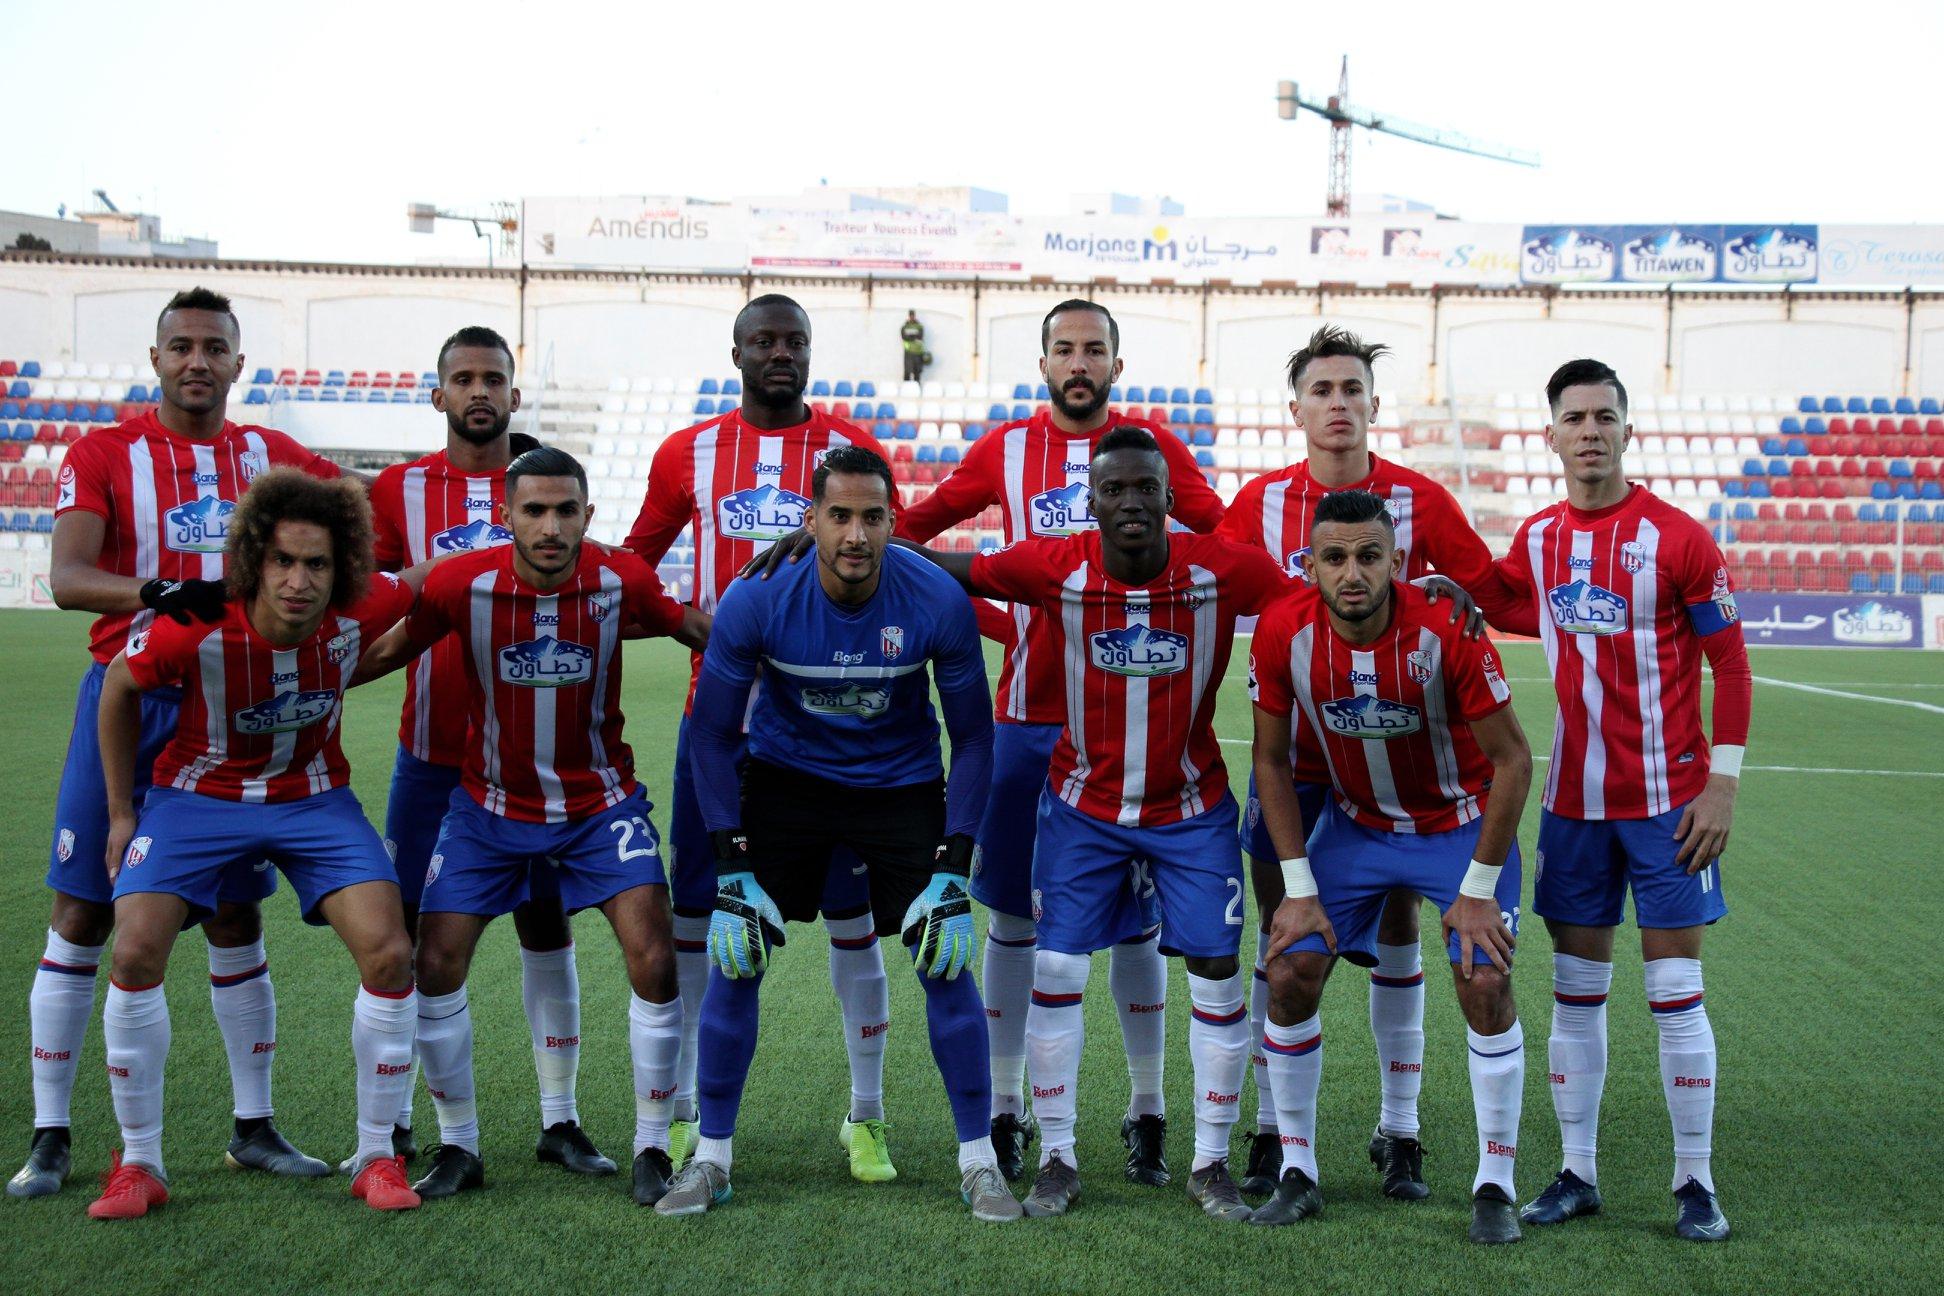 تخفيض الأجور  يزيد من قلق لاعبي المغرب النطواني